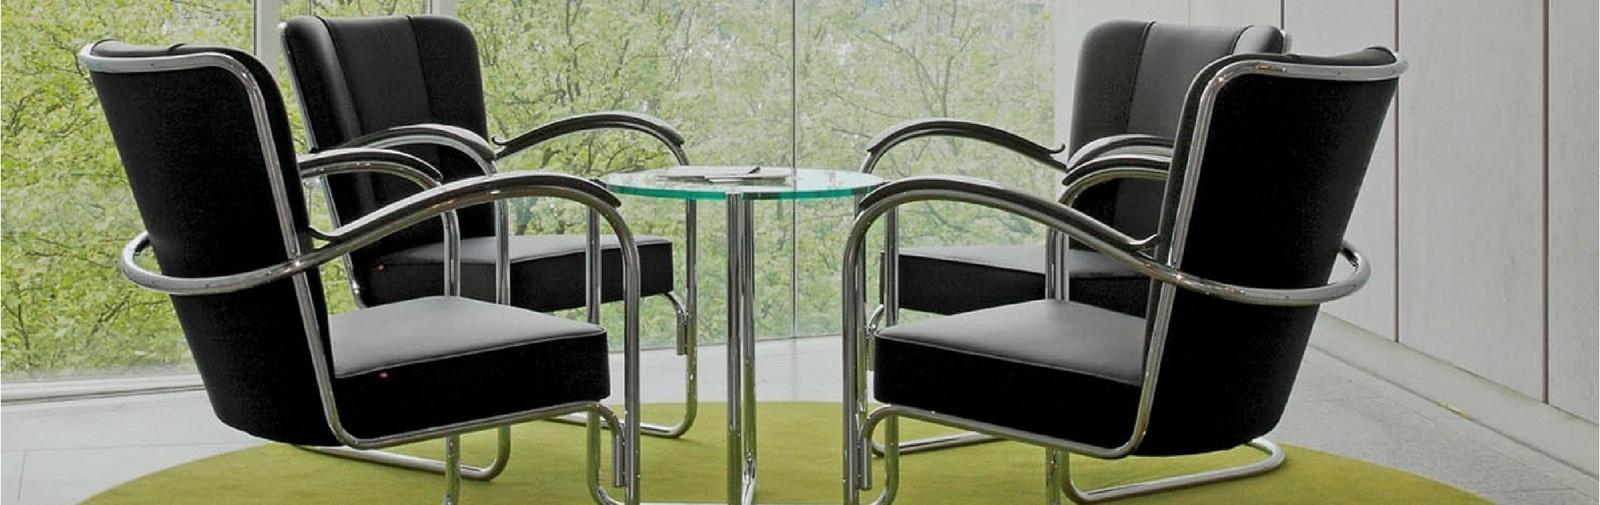 Vaste fauteuils